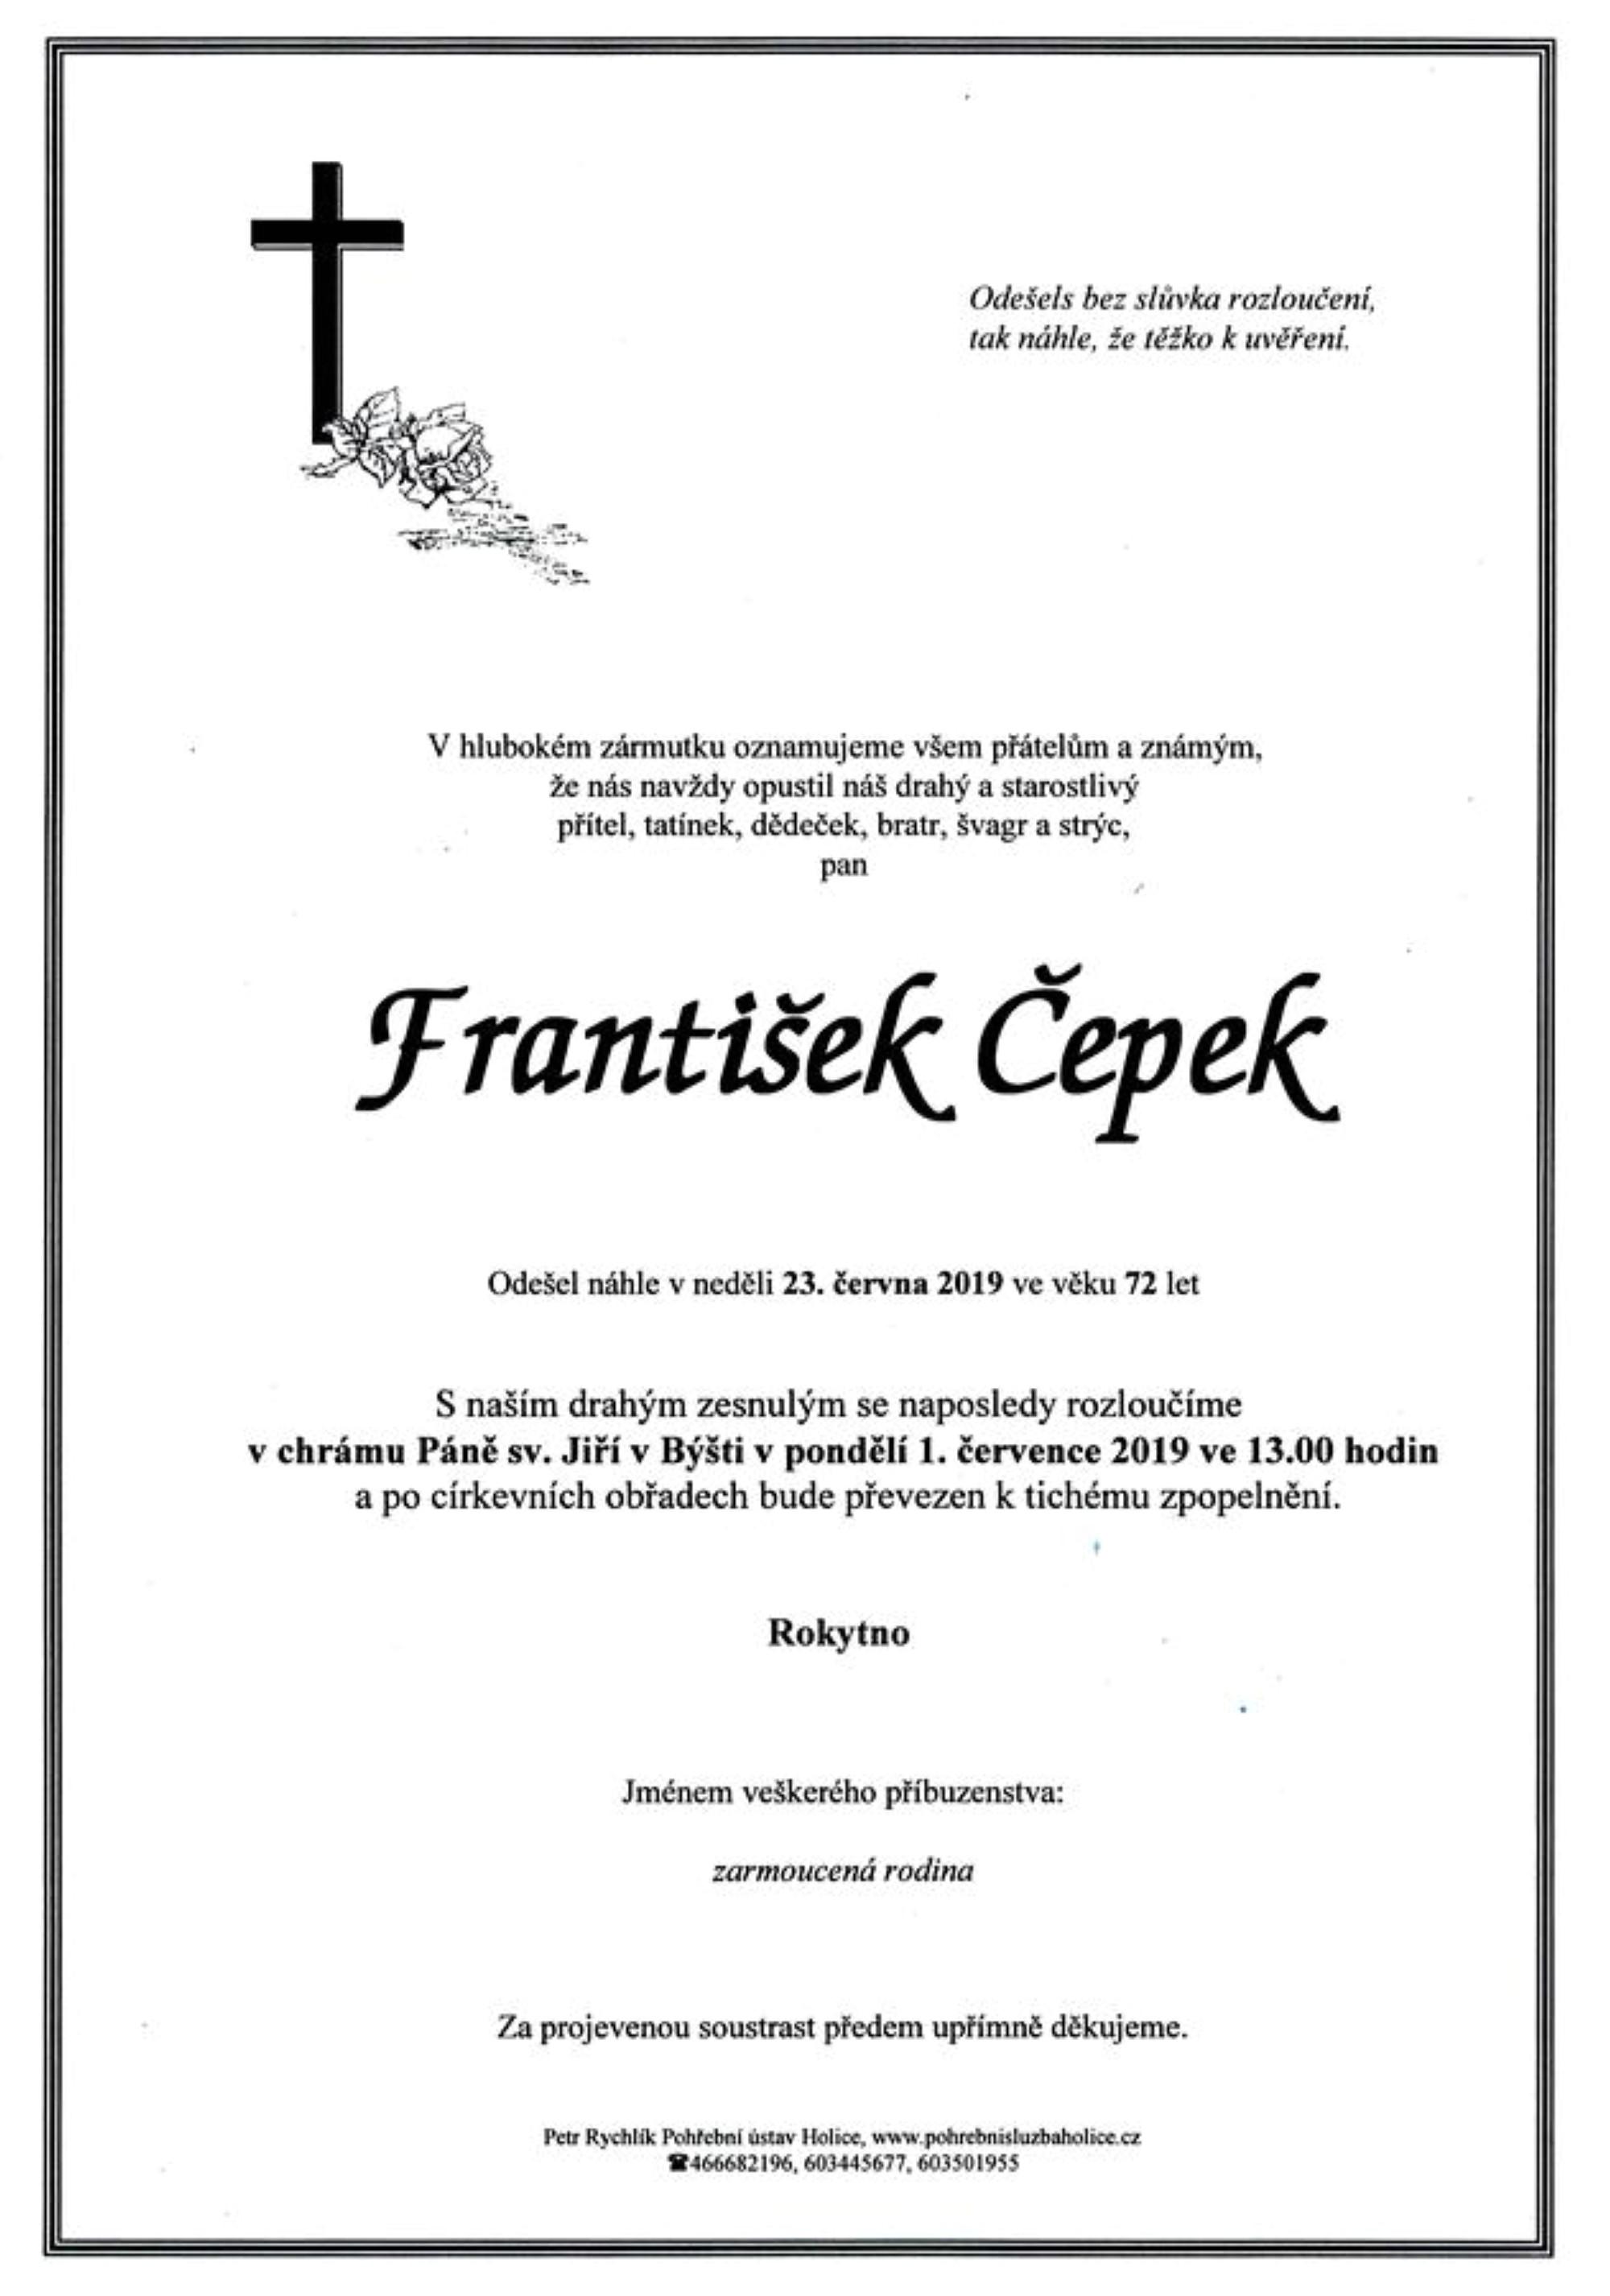 František Čepek